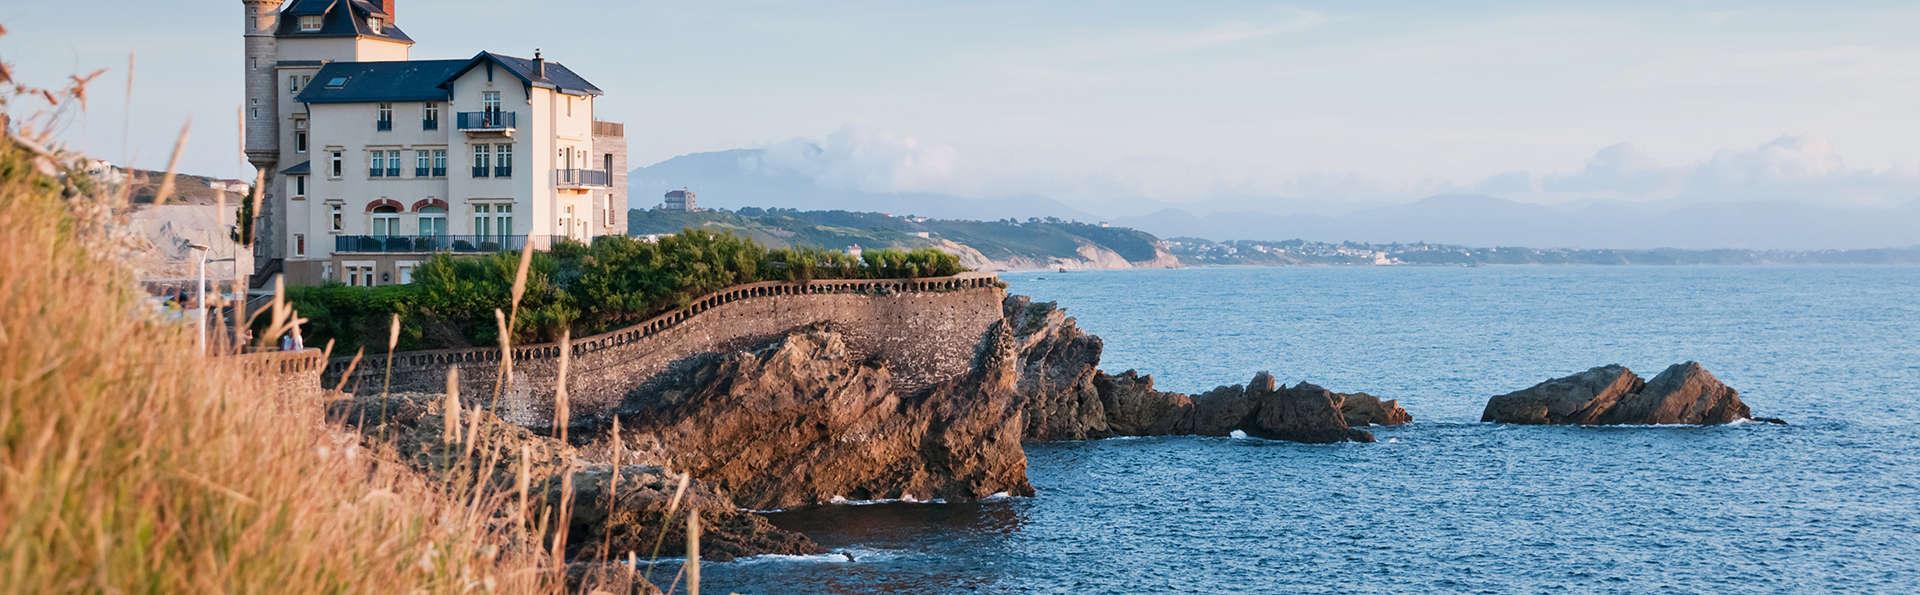 Les pieds dans l'eau au cœur de Biarritz